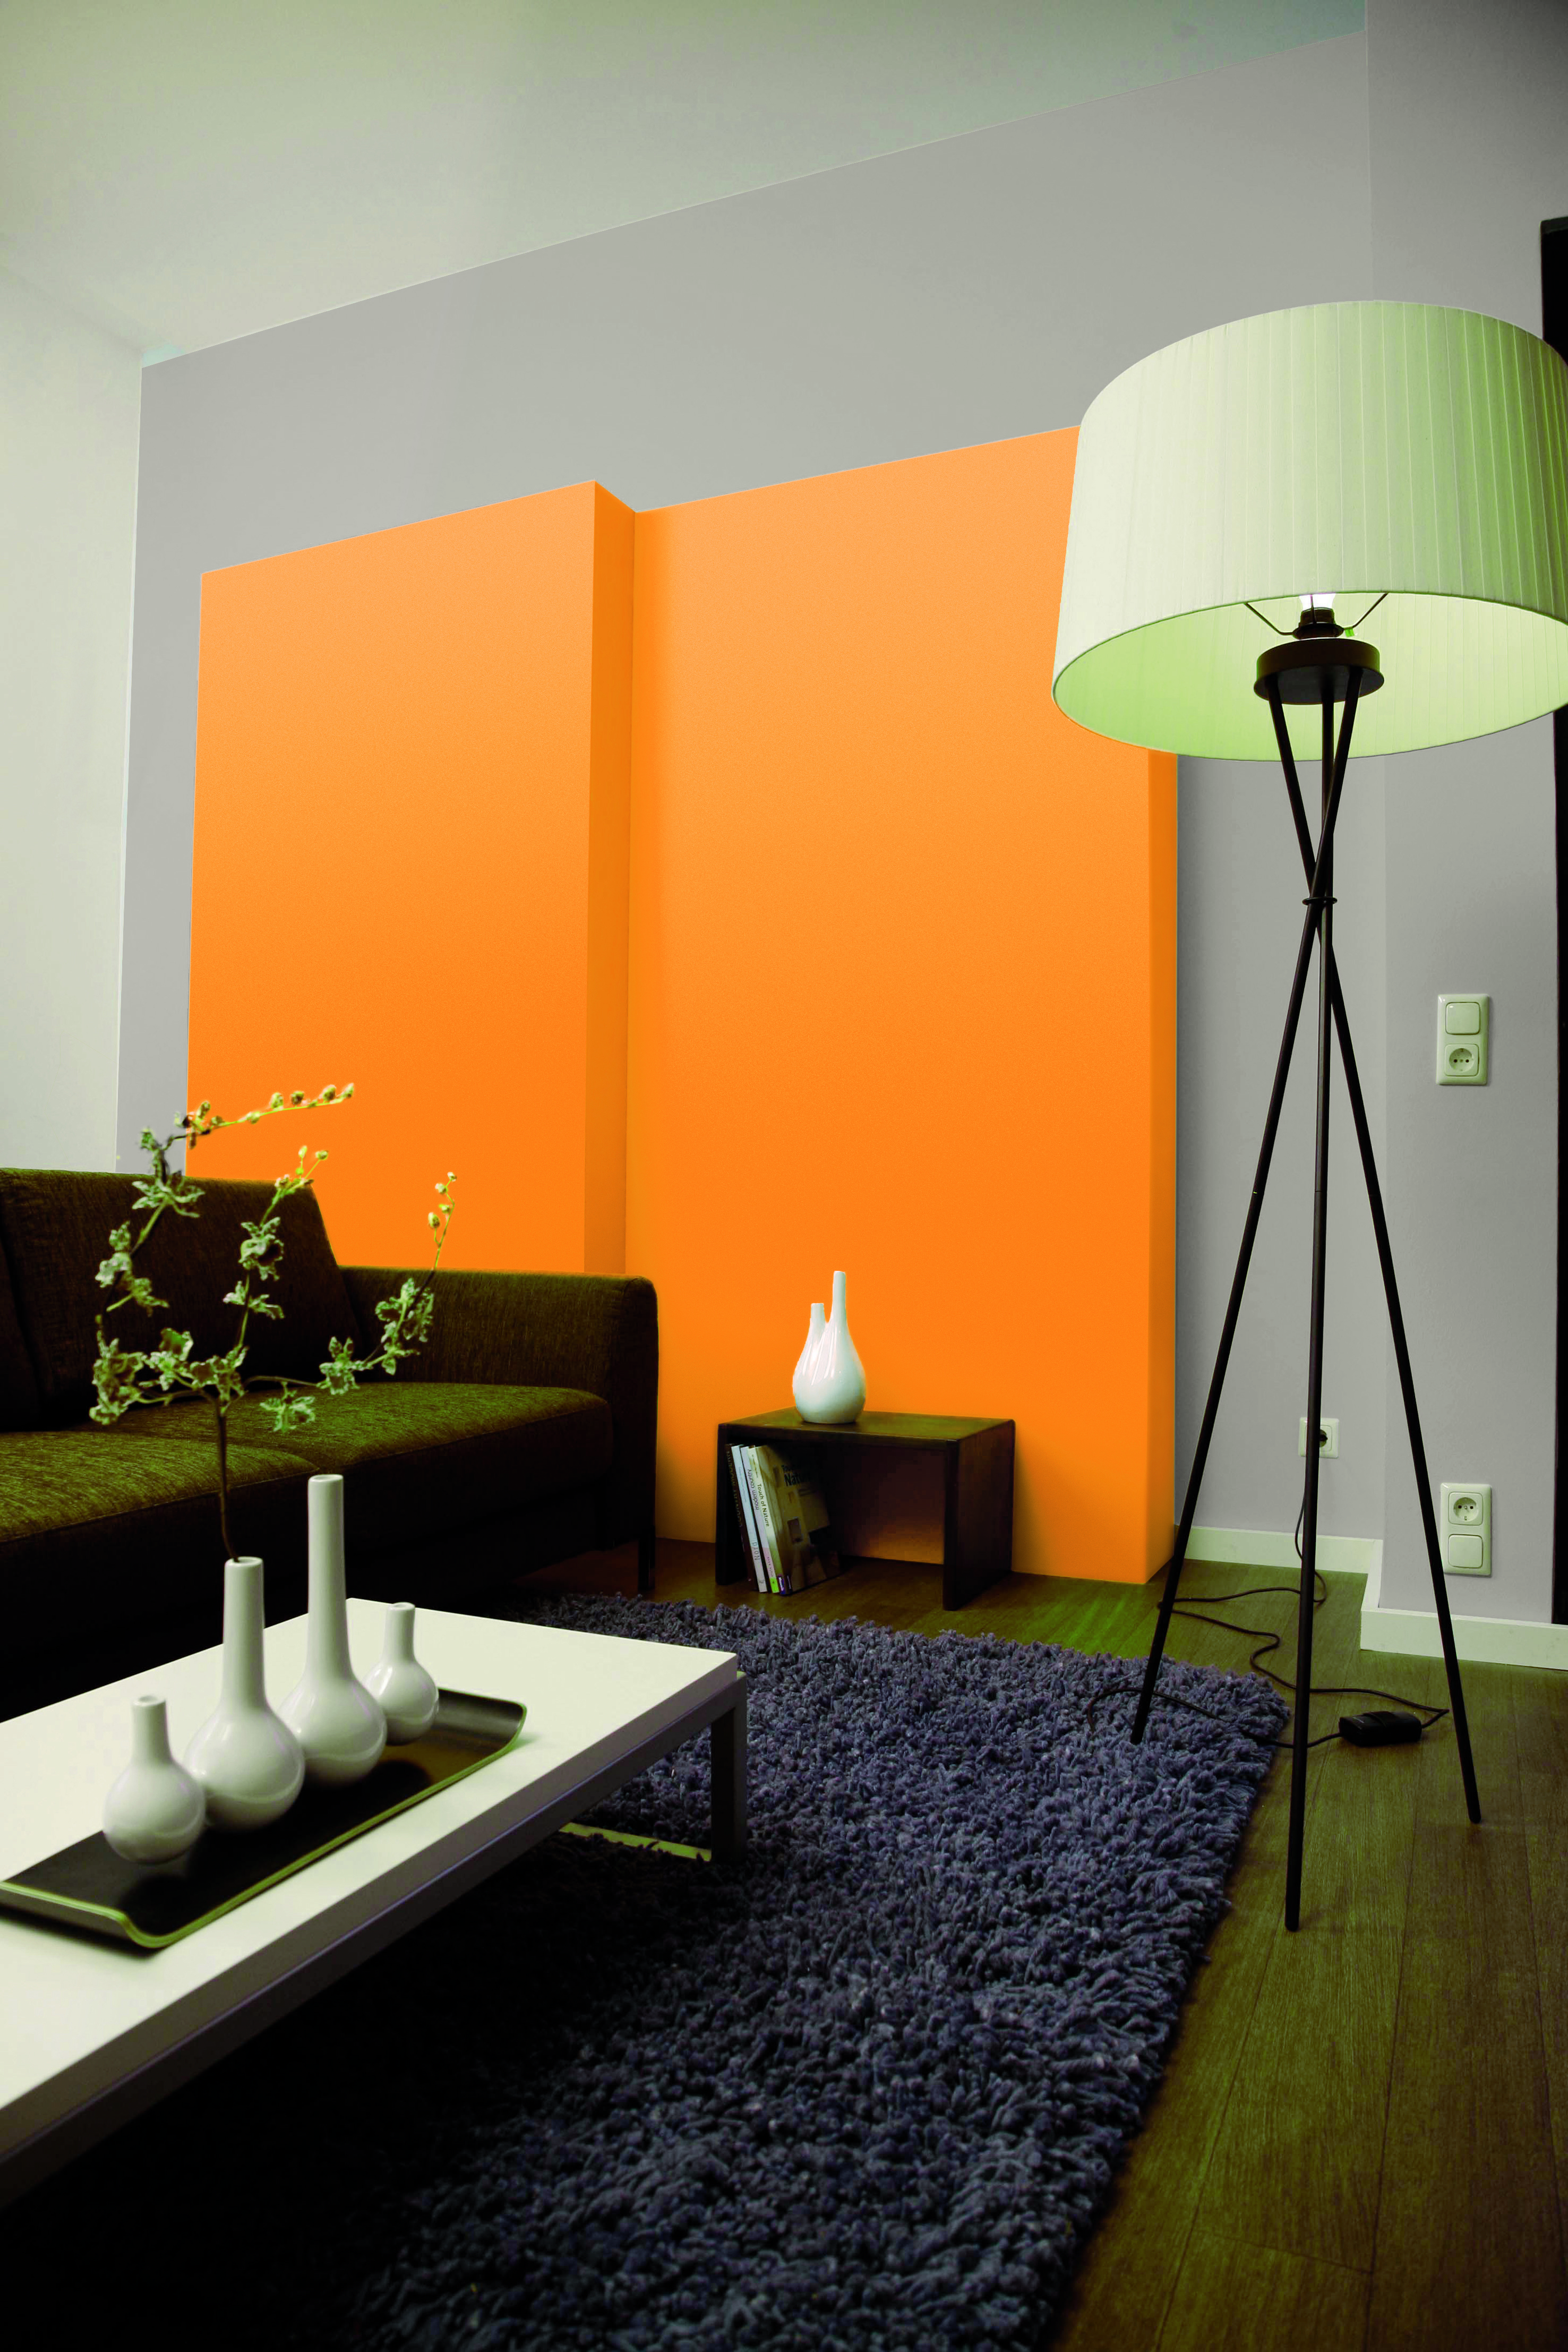 Farben Im Interieur Geschickt Eisetzen 3d Visualisierung: Test Farbtyp